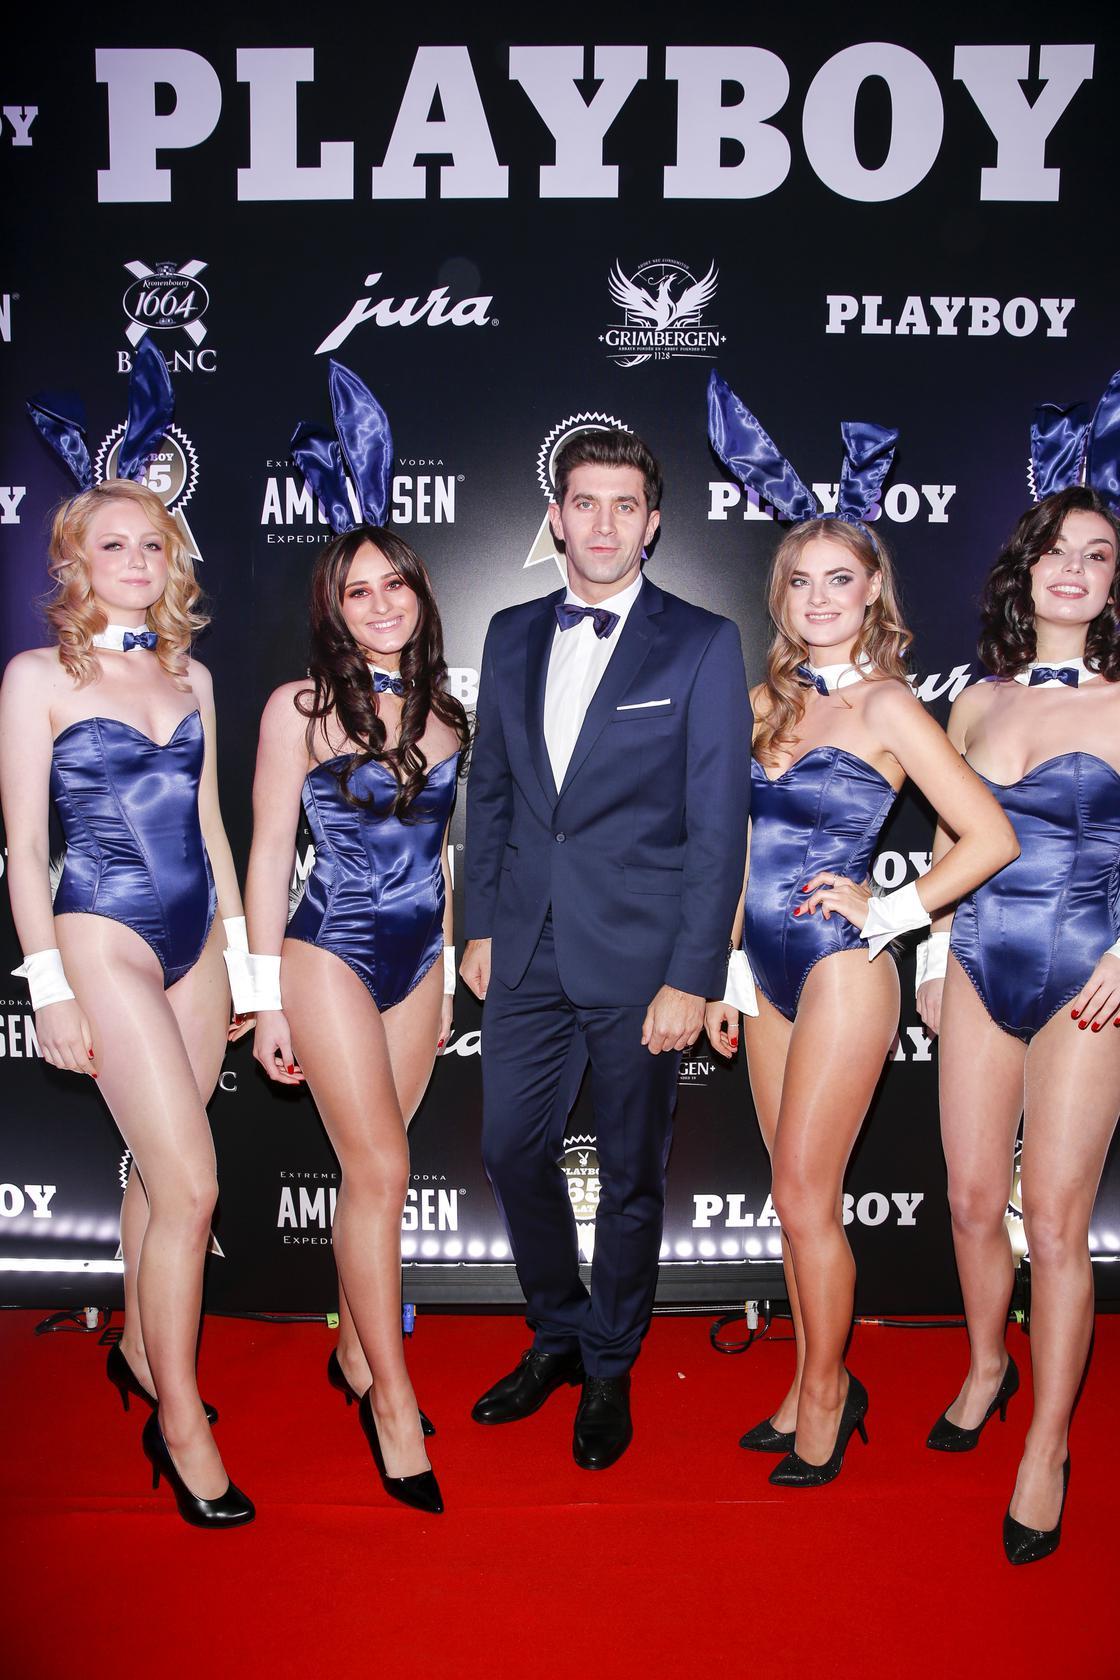 BlogStar: Modowy Playboy - BlogStar.pl